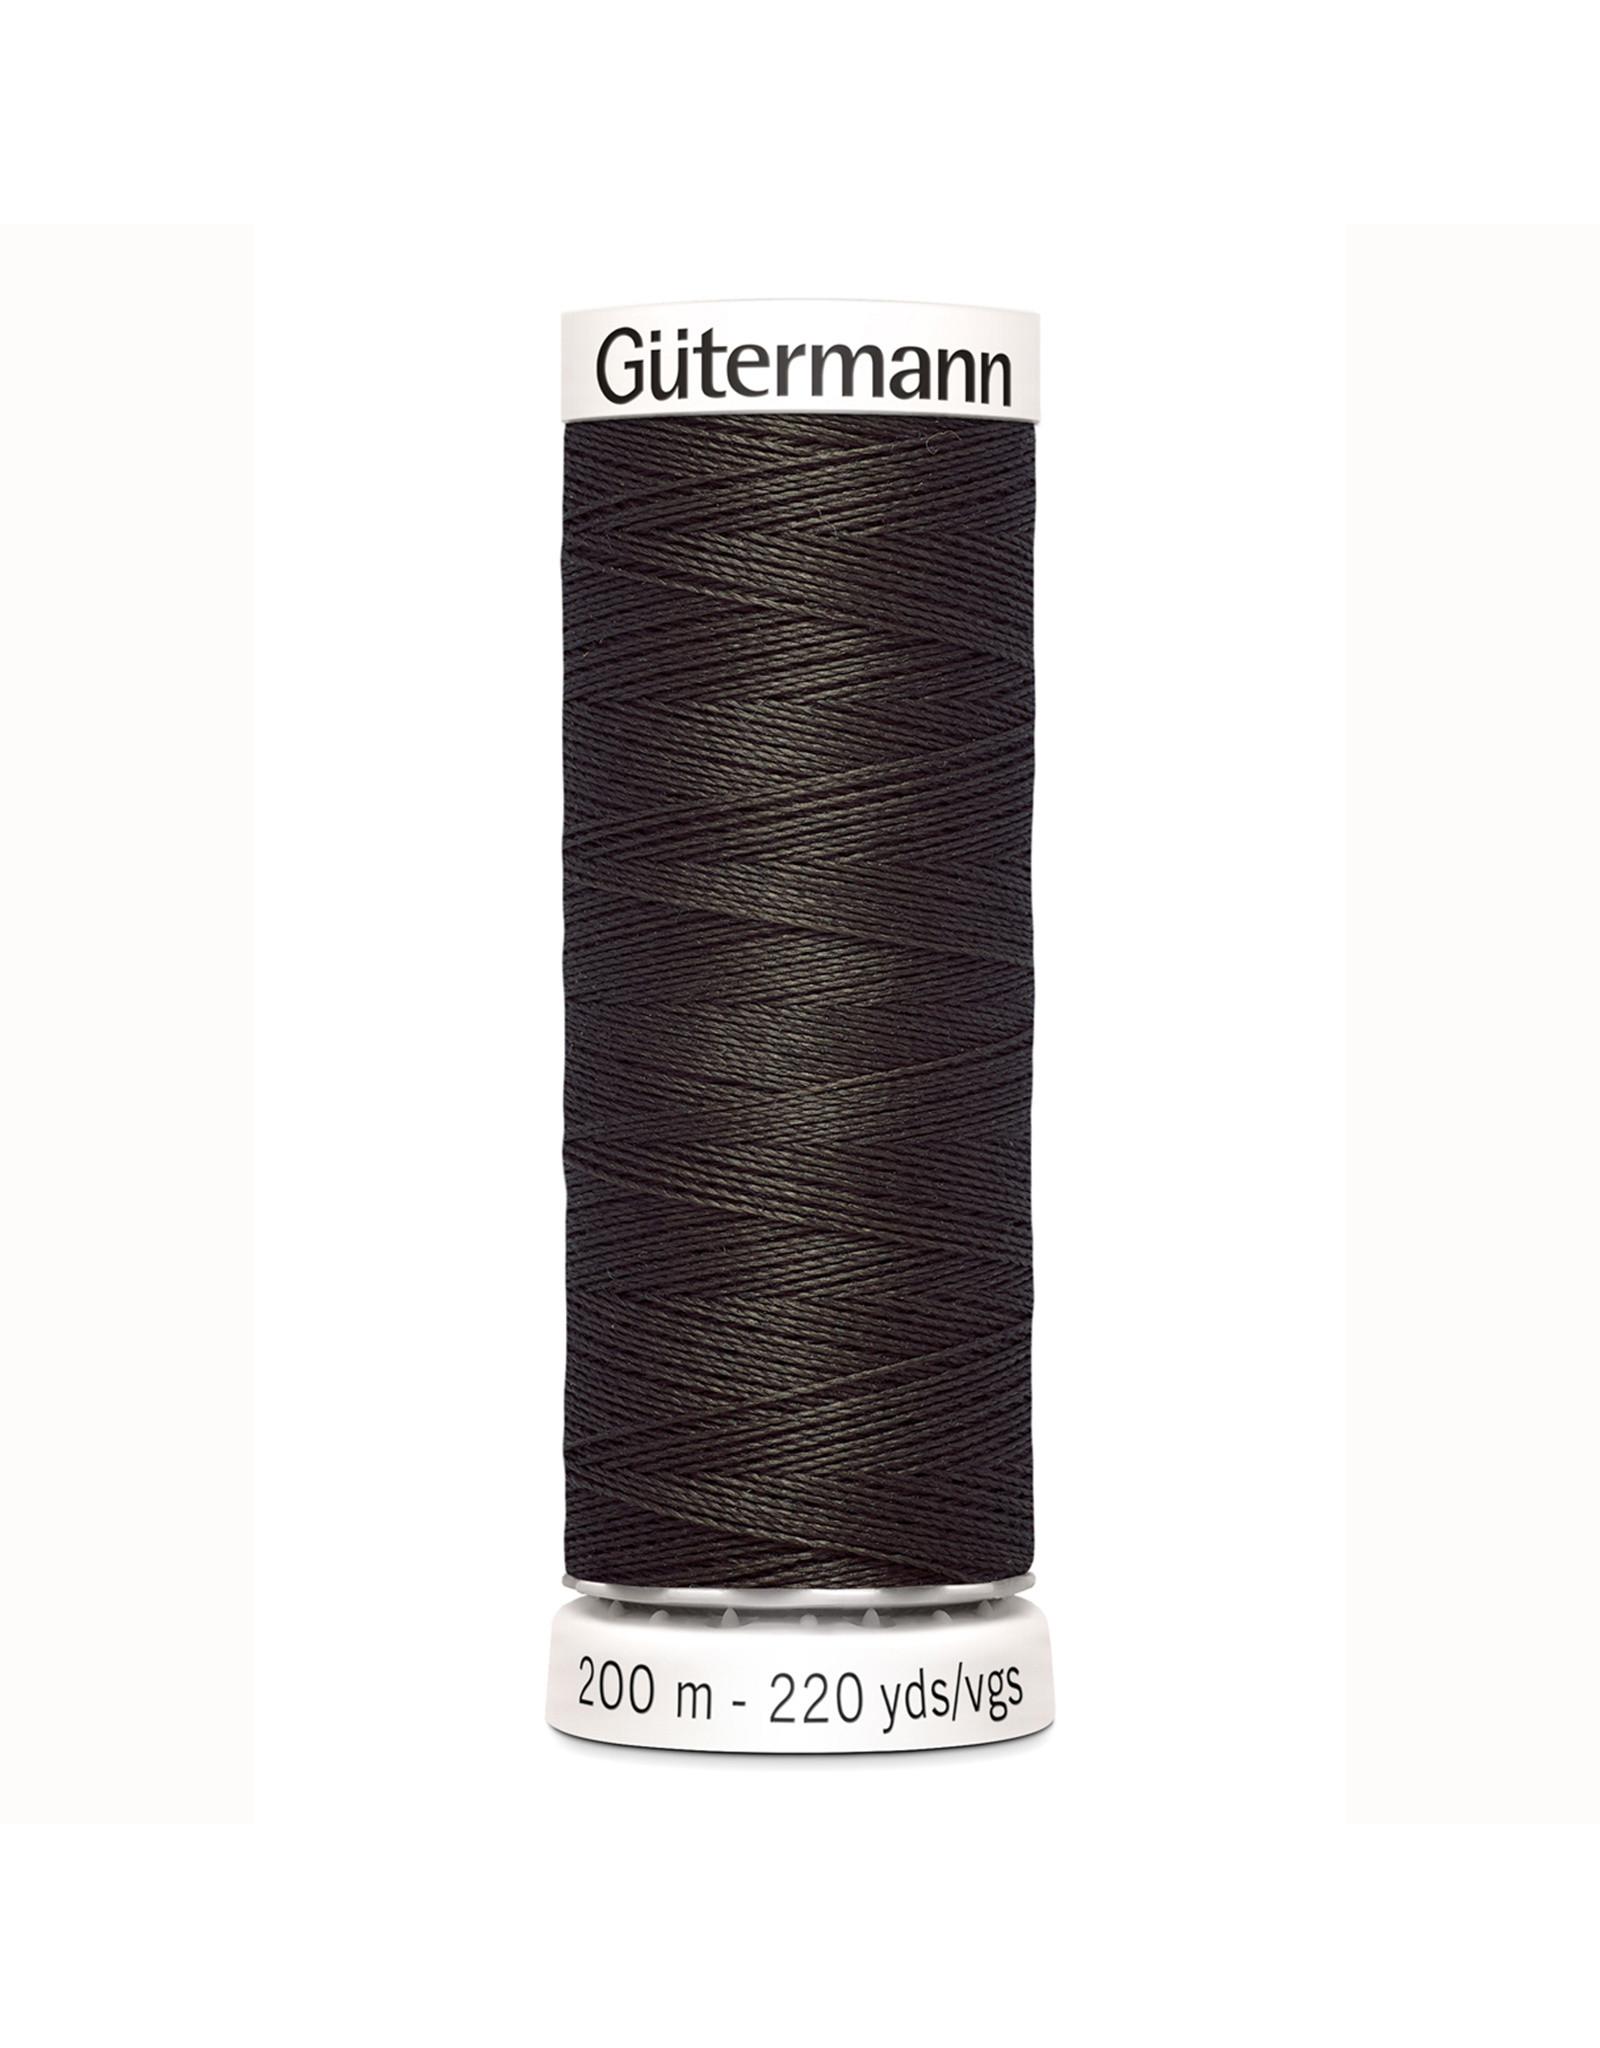 Gütermann Gütermann Nähgarn 200 m - nr 480